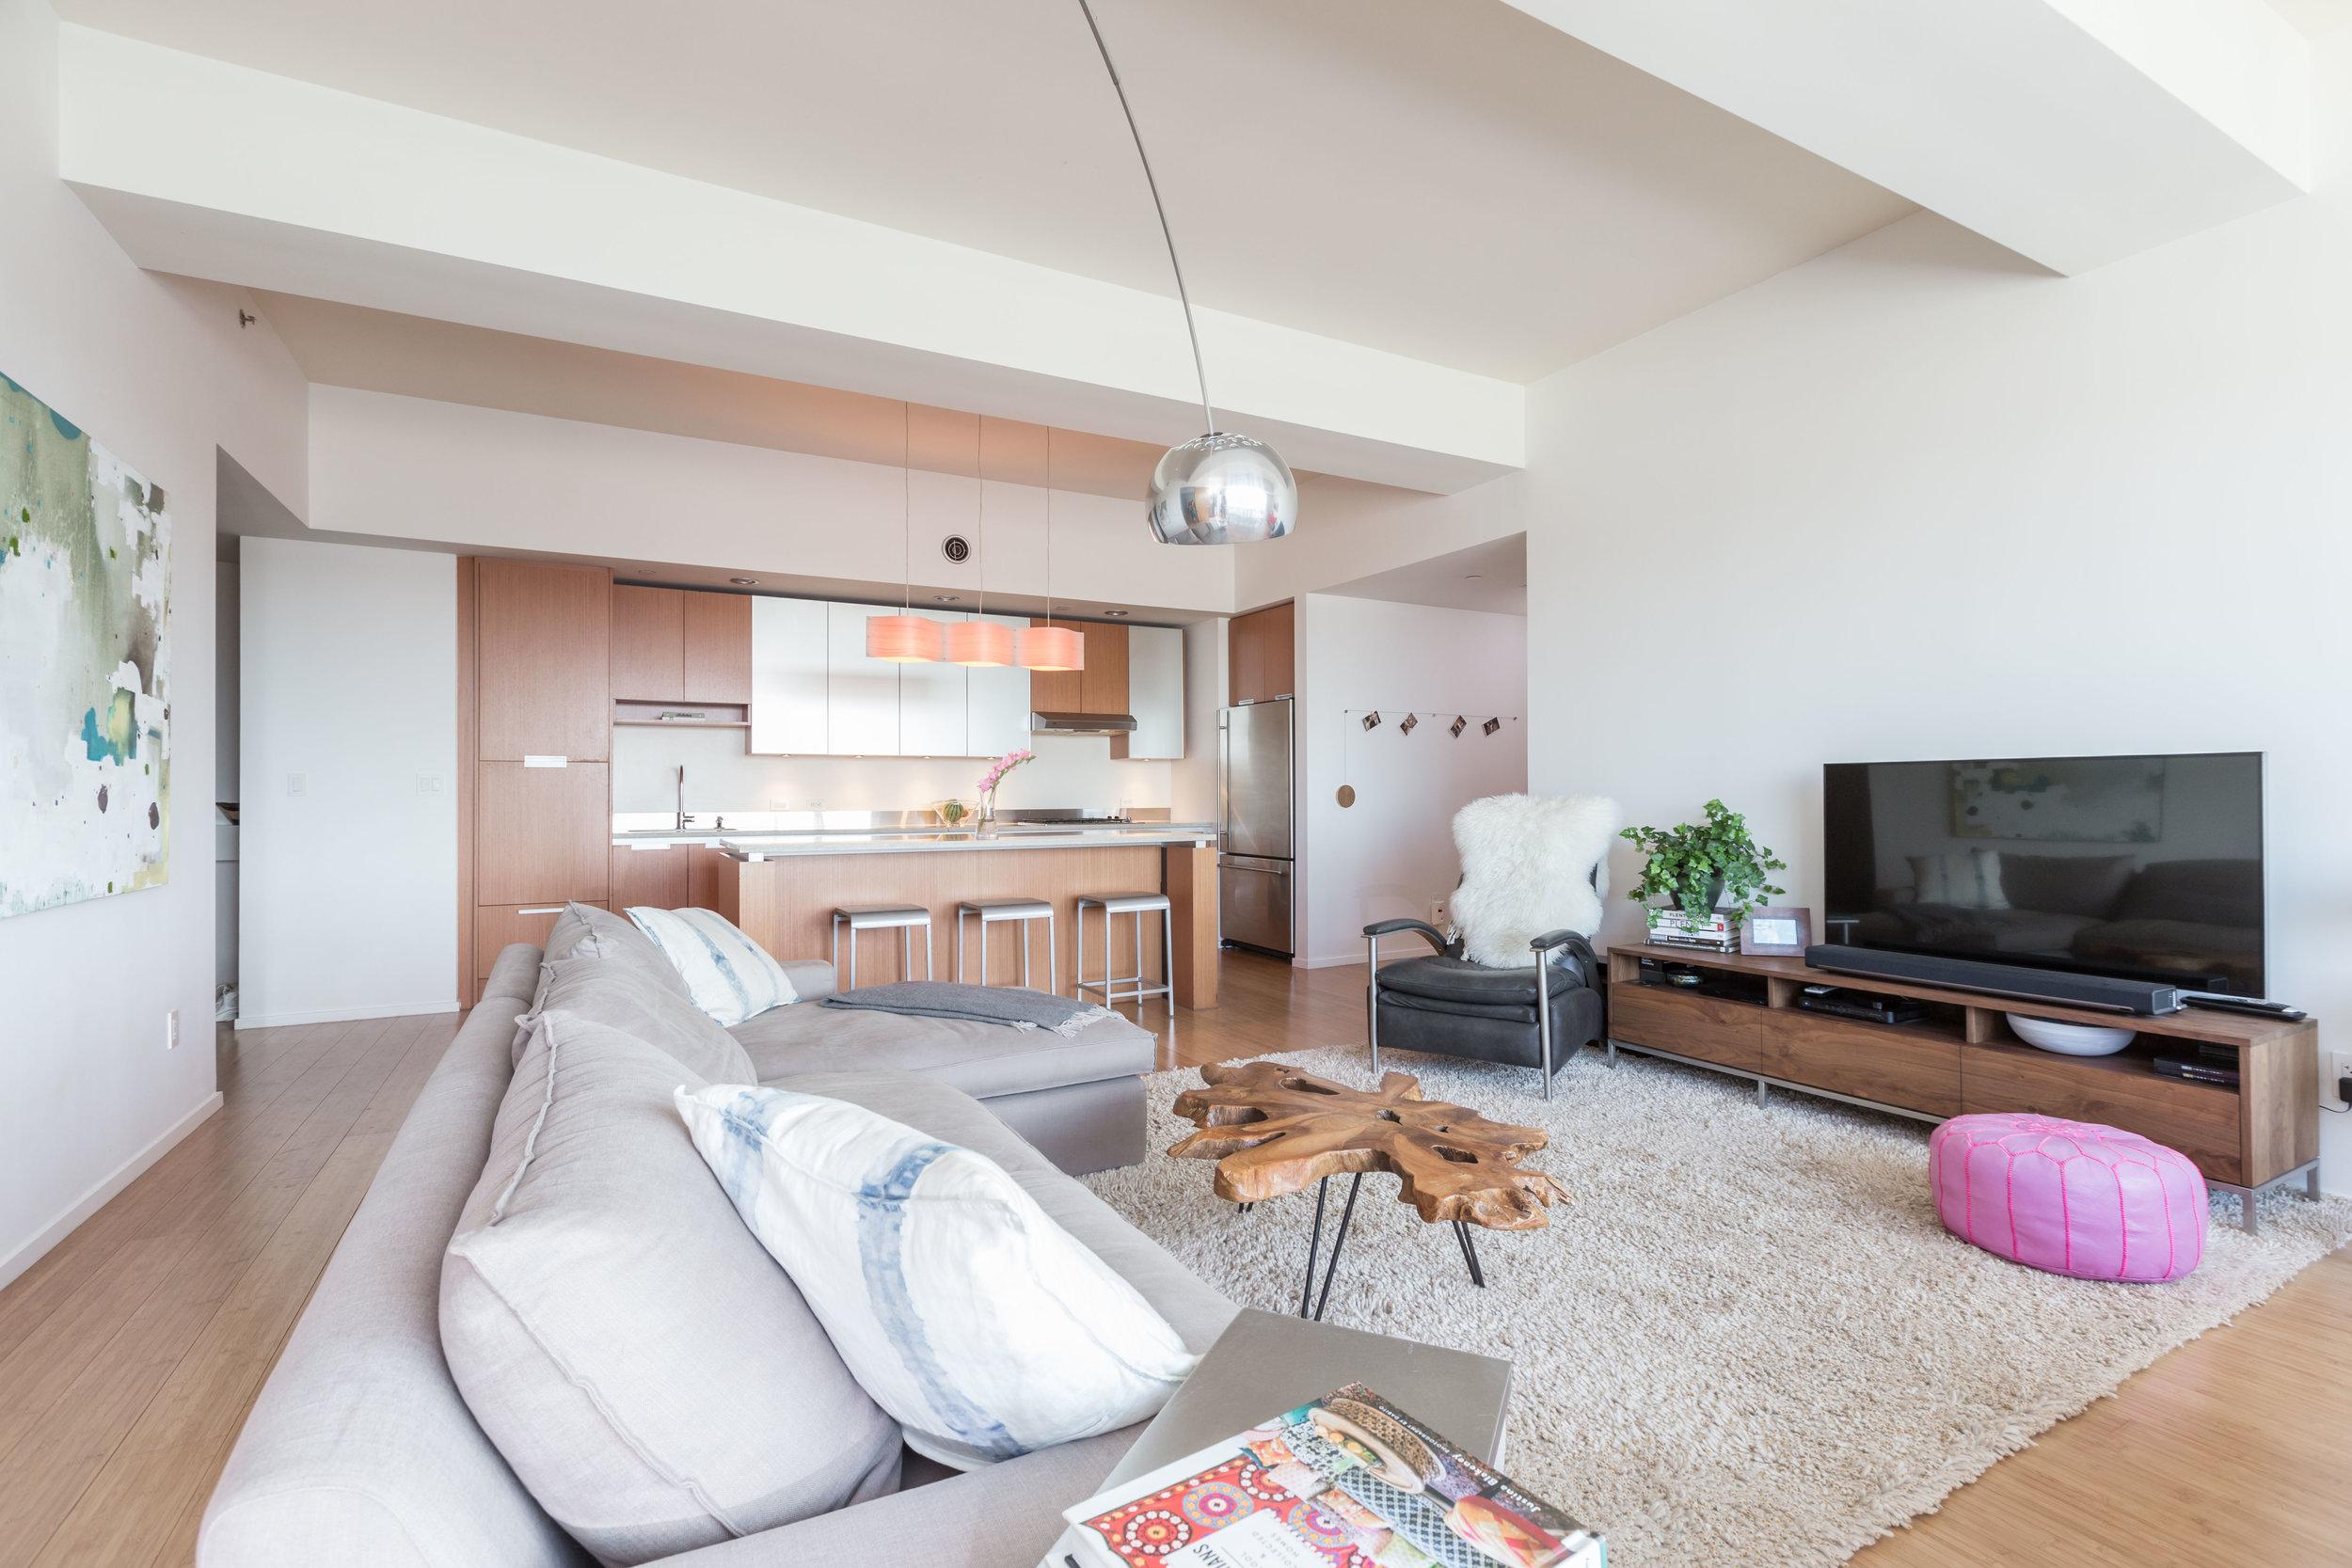 living room kitchen from left.jpg